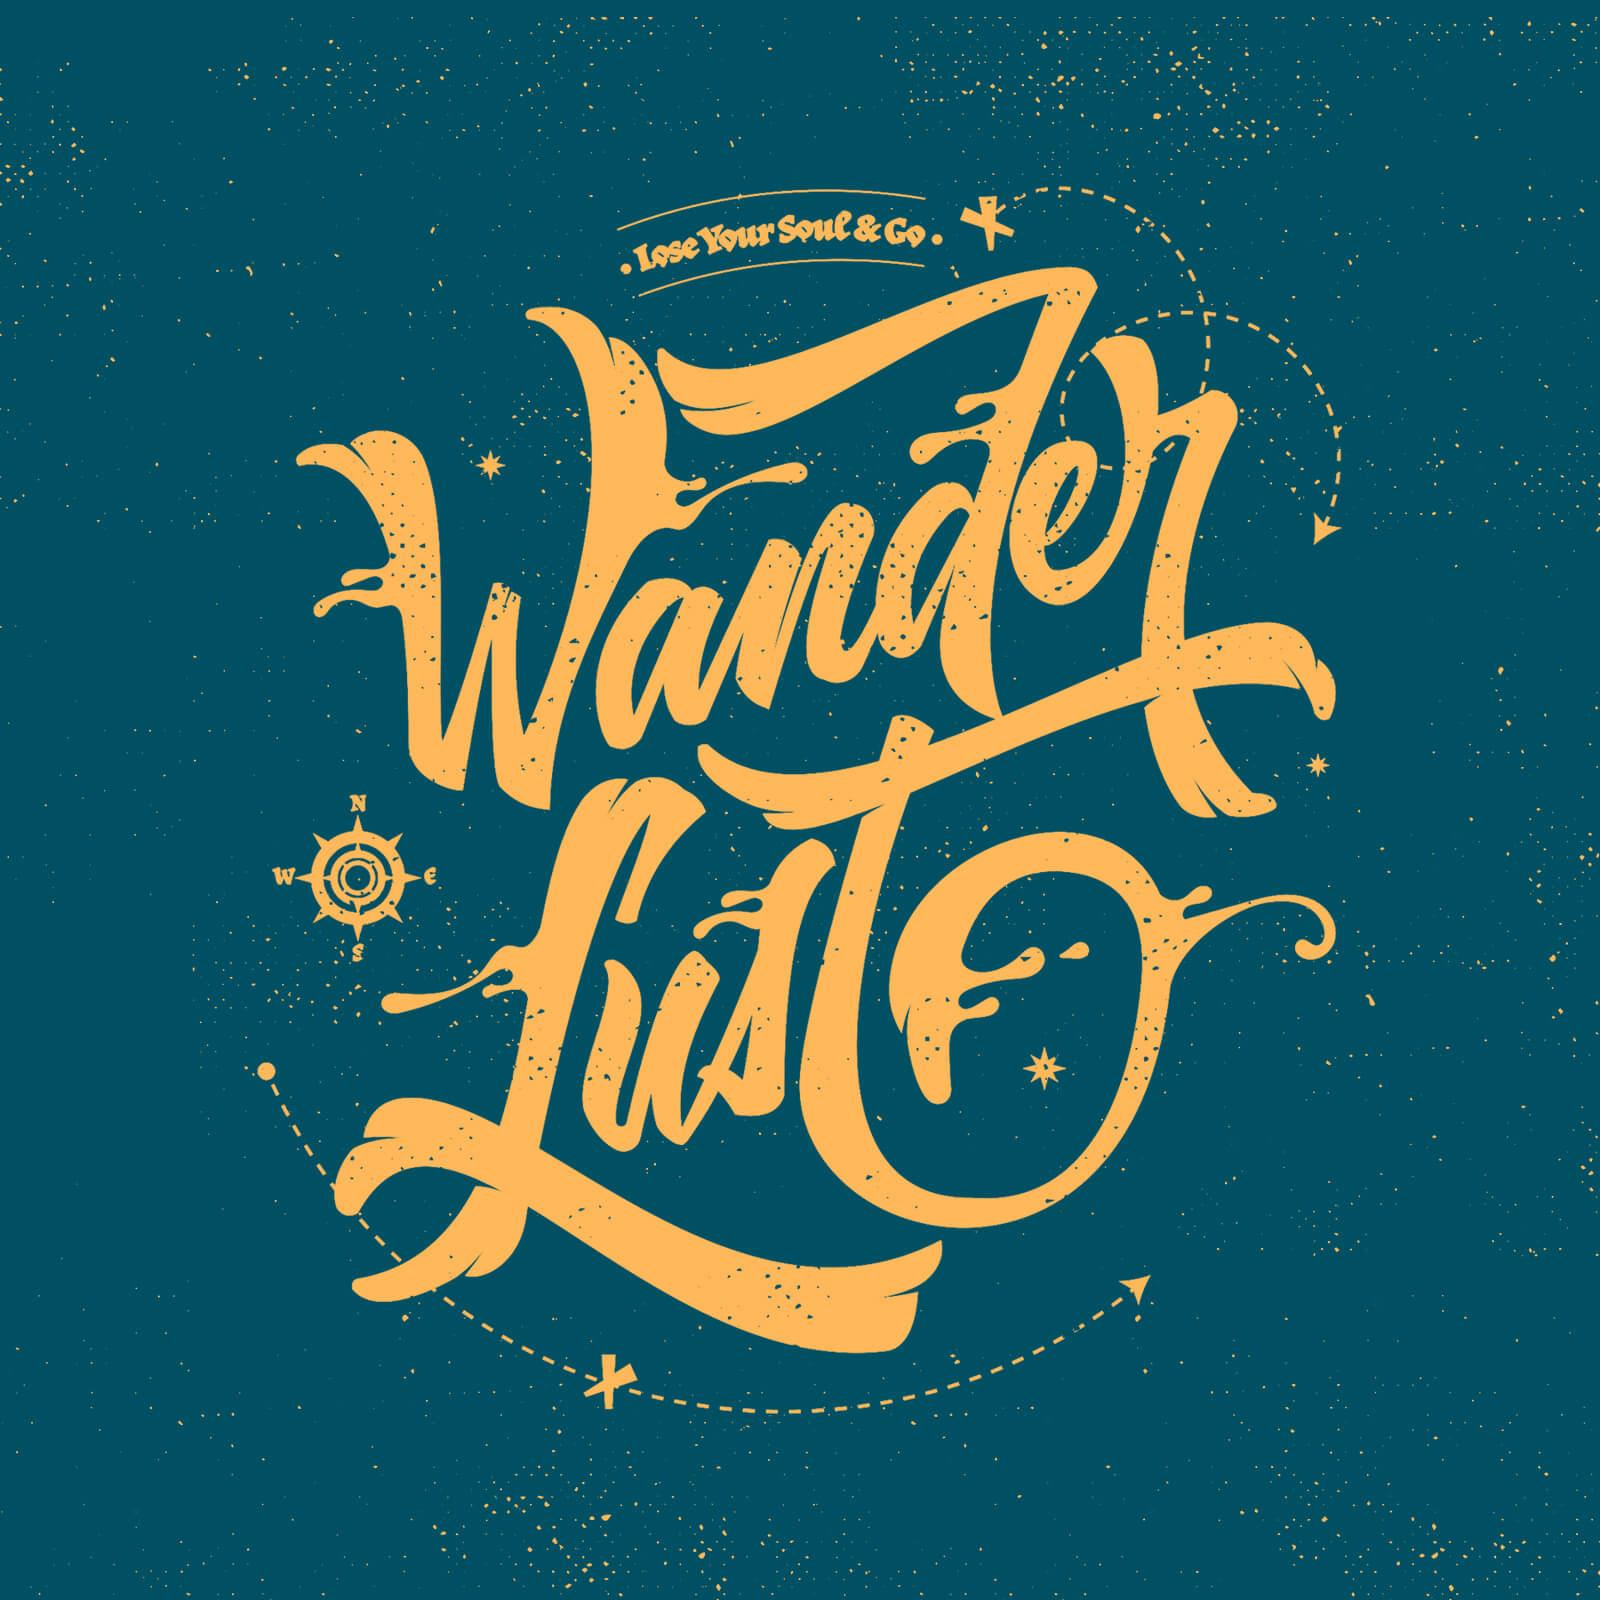 Wanderlust - Sami Khaled